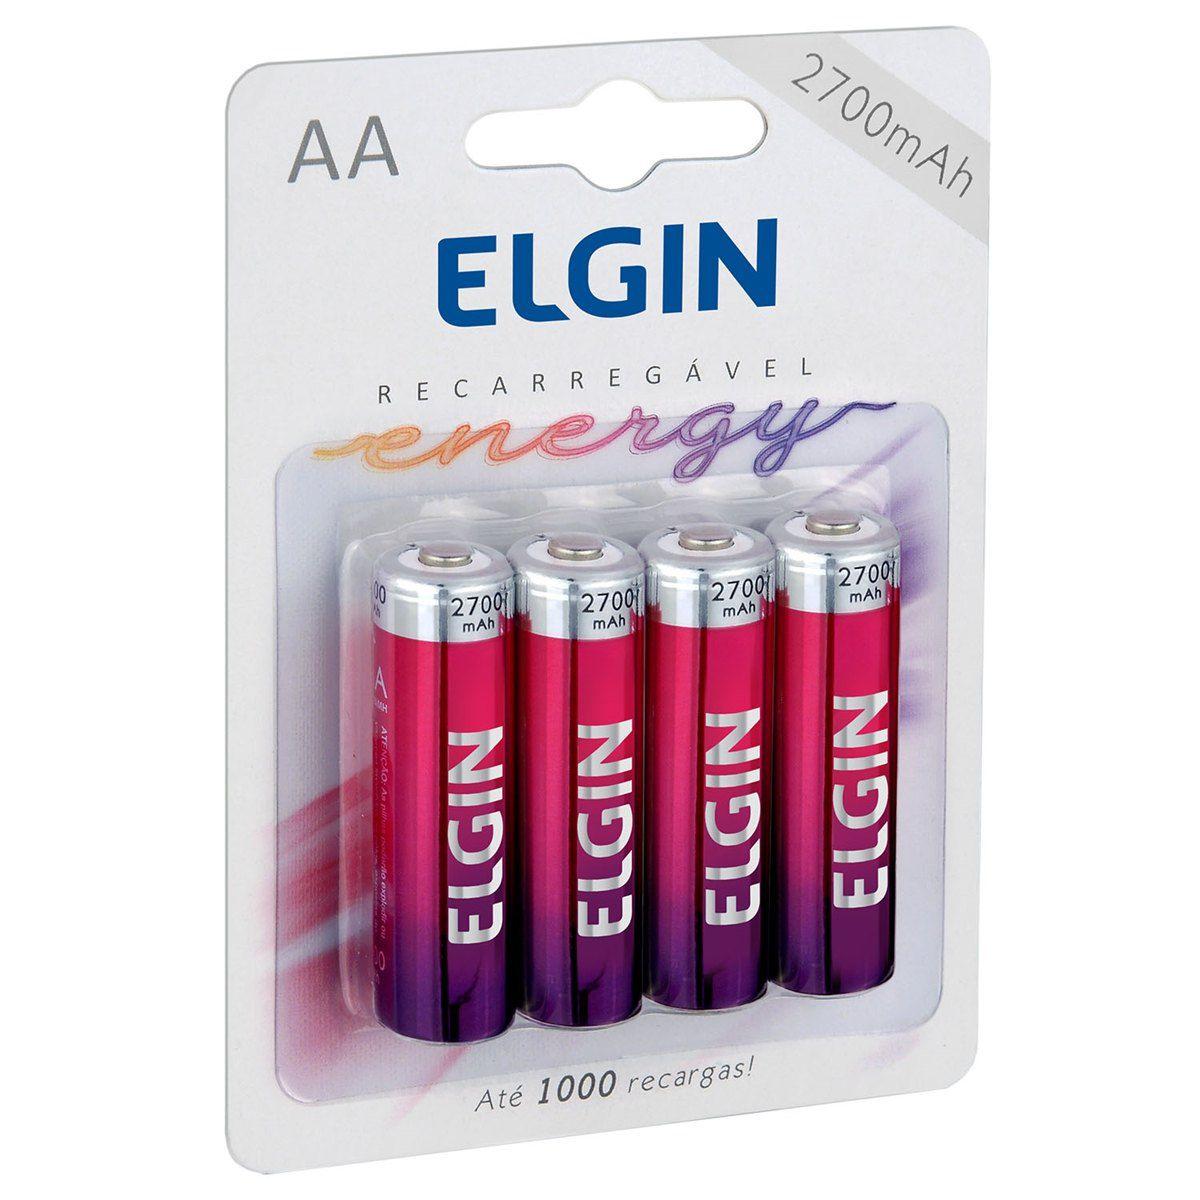 04 Pilhas AA 2700mAh Recarregável ELGIN - 01 cartela com 4 unidades